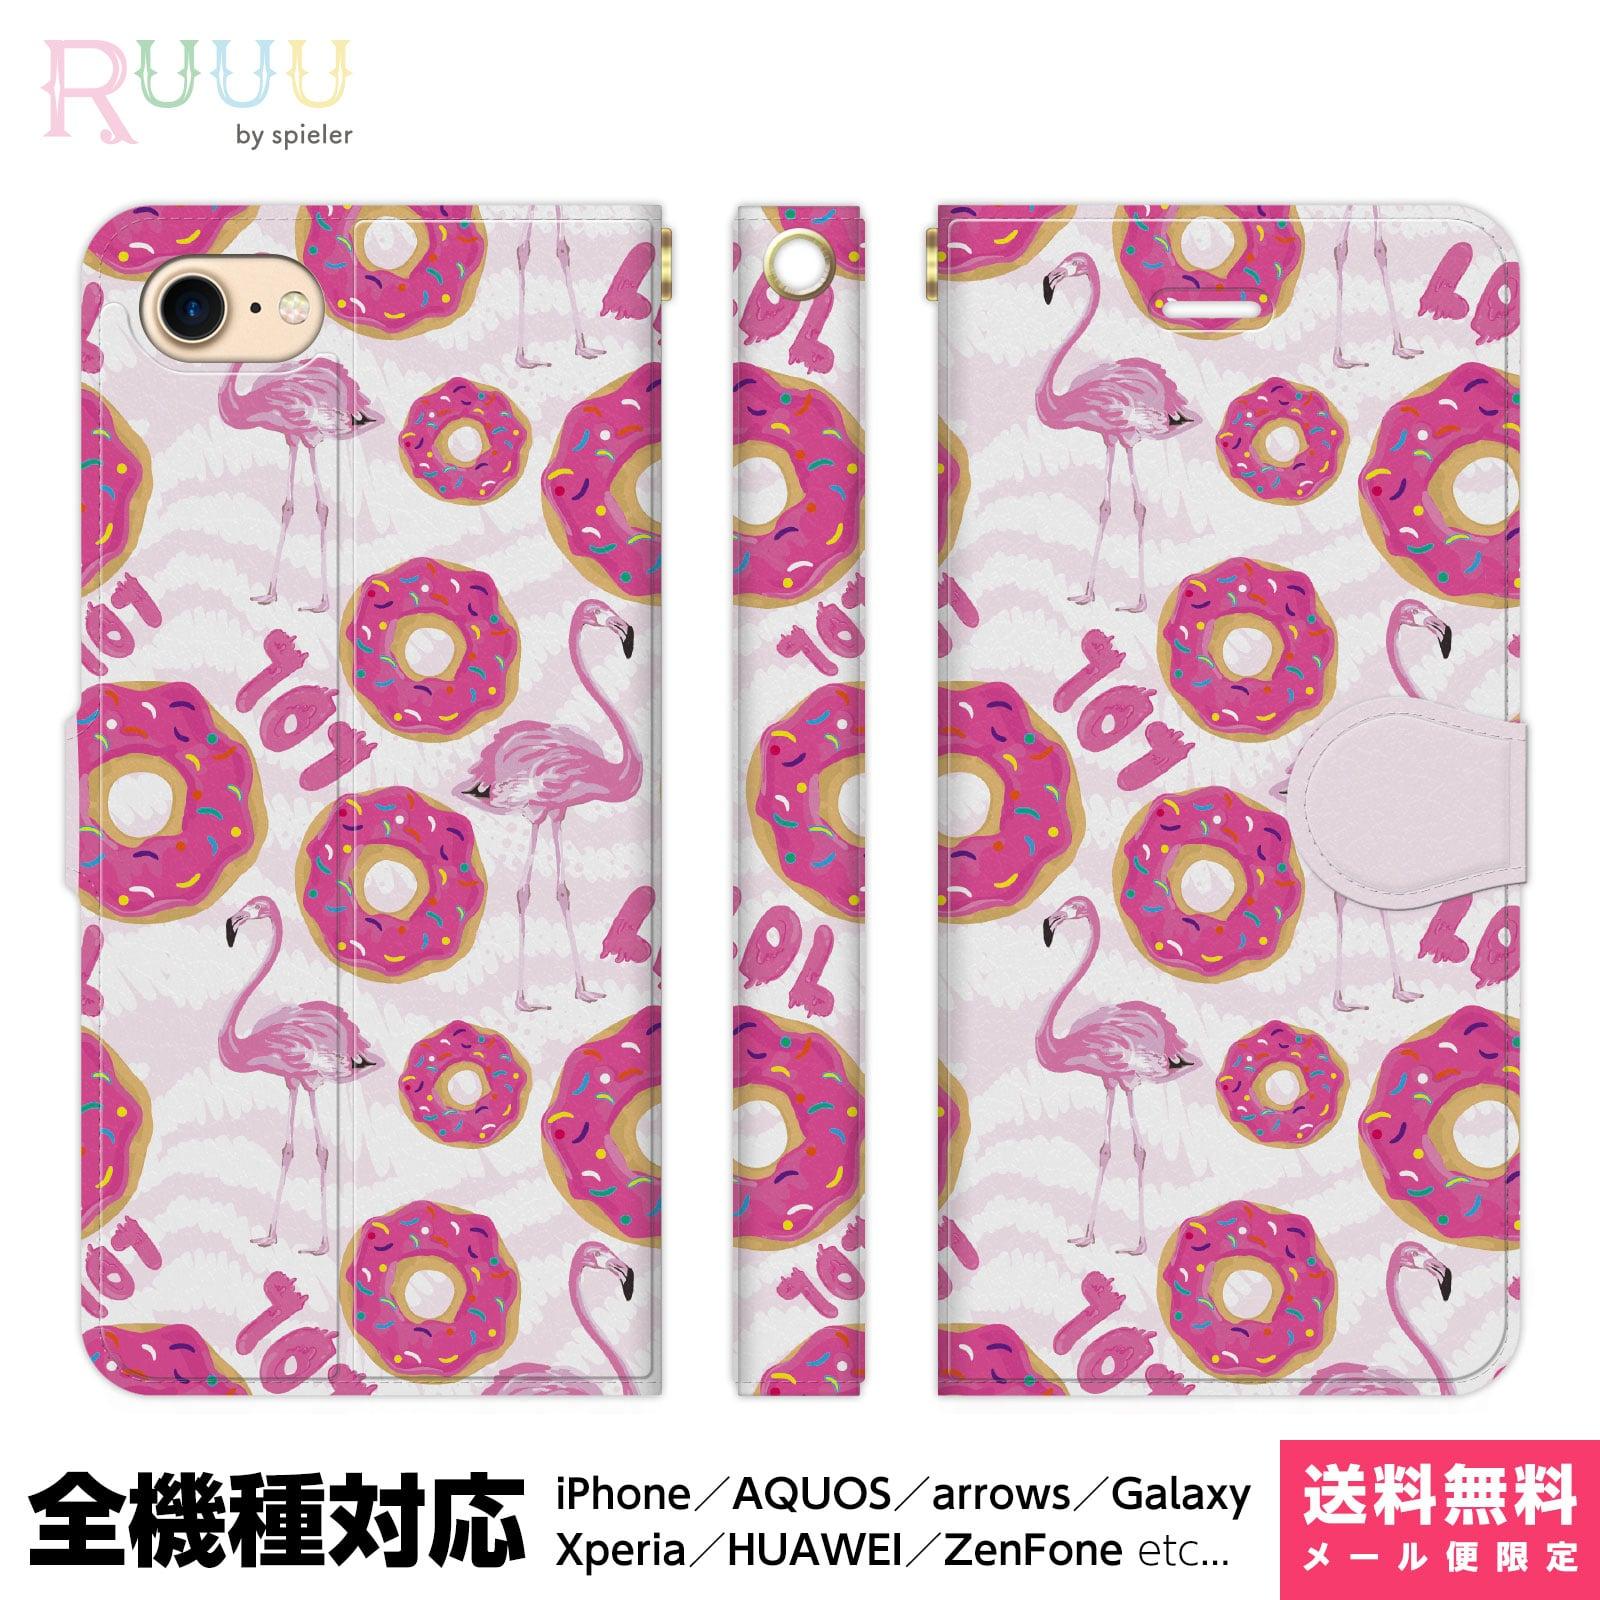 スマートフォン・携帯電話アクセサリー, ケース・カバー  iPhone 12 11 SE XR XS 8 Pro Max mini Xperia AQUOS Galaxy sweets